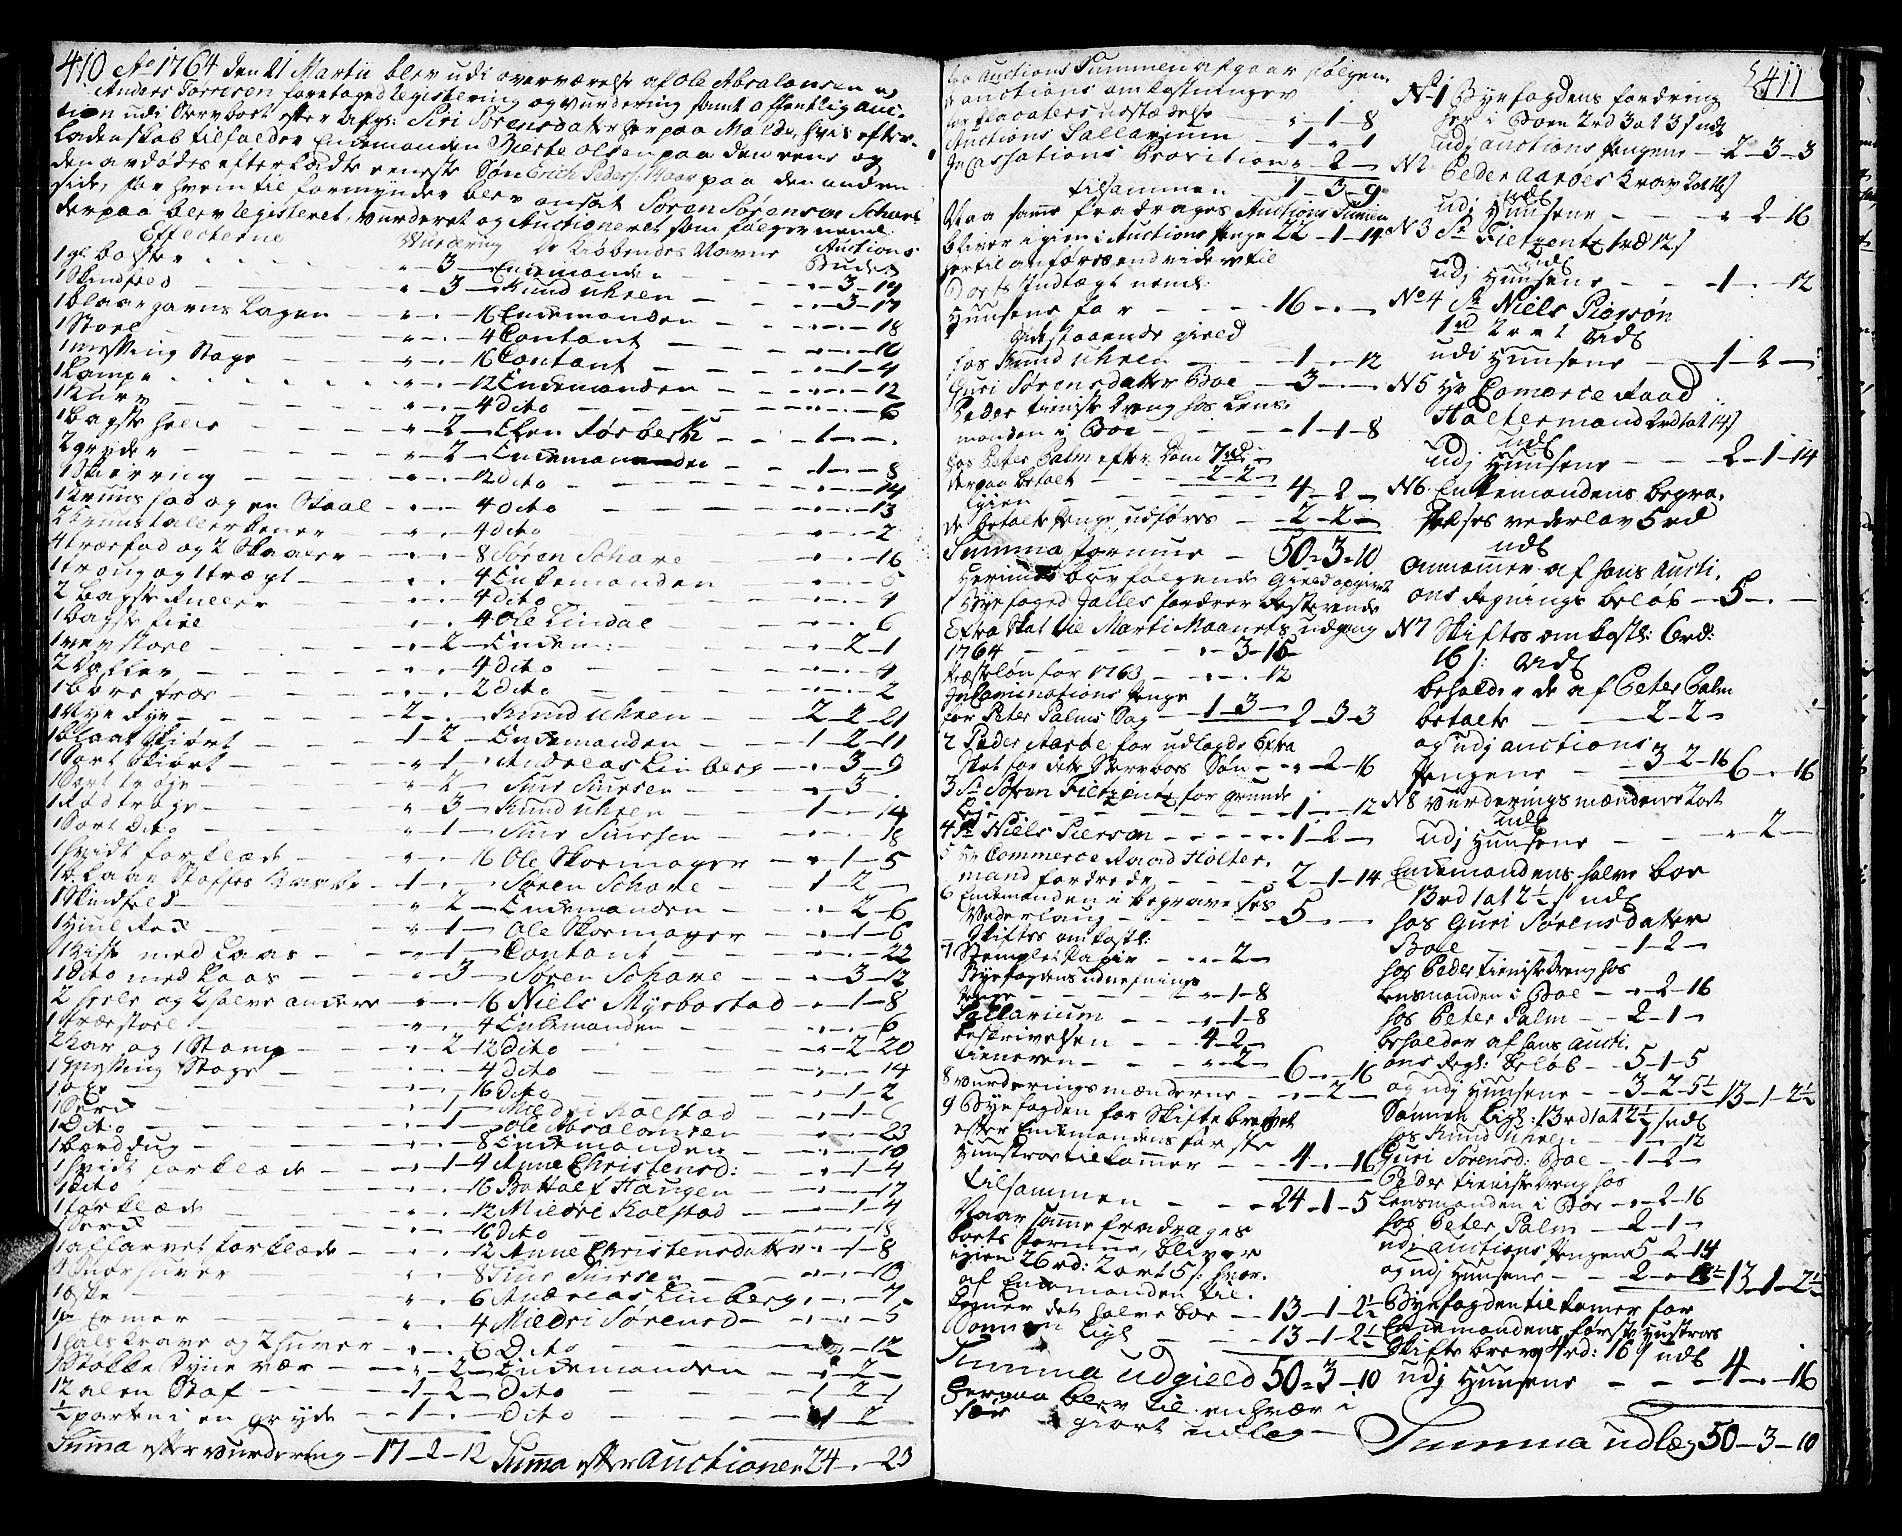 SAT, Molde byfogd, 3Aa/L0001: Skifteprotokoll, 1748-1768, s. 410-411